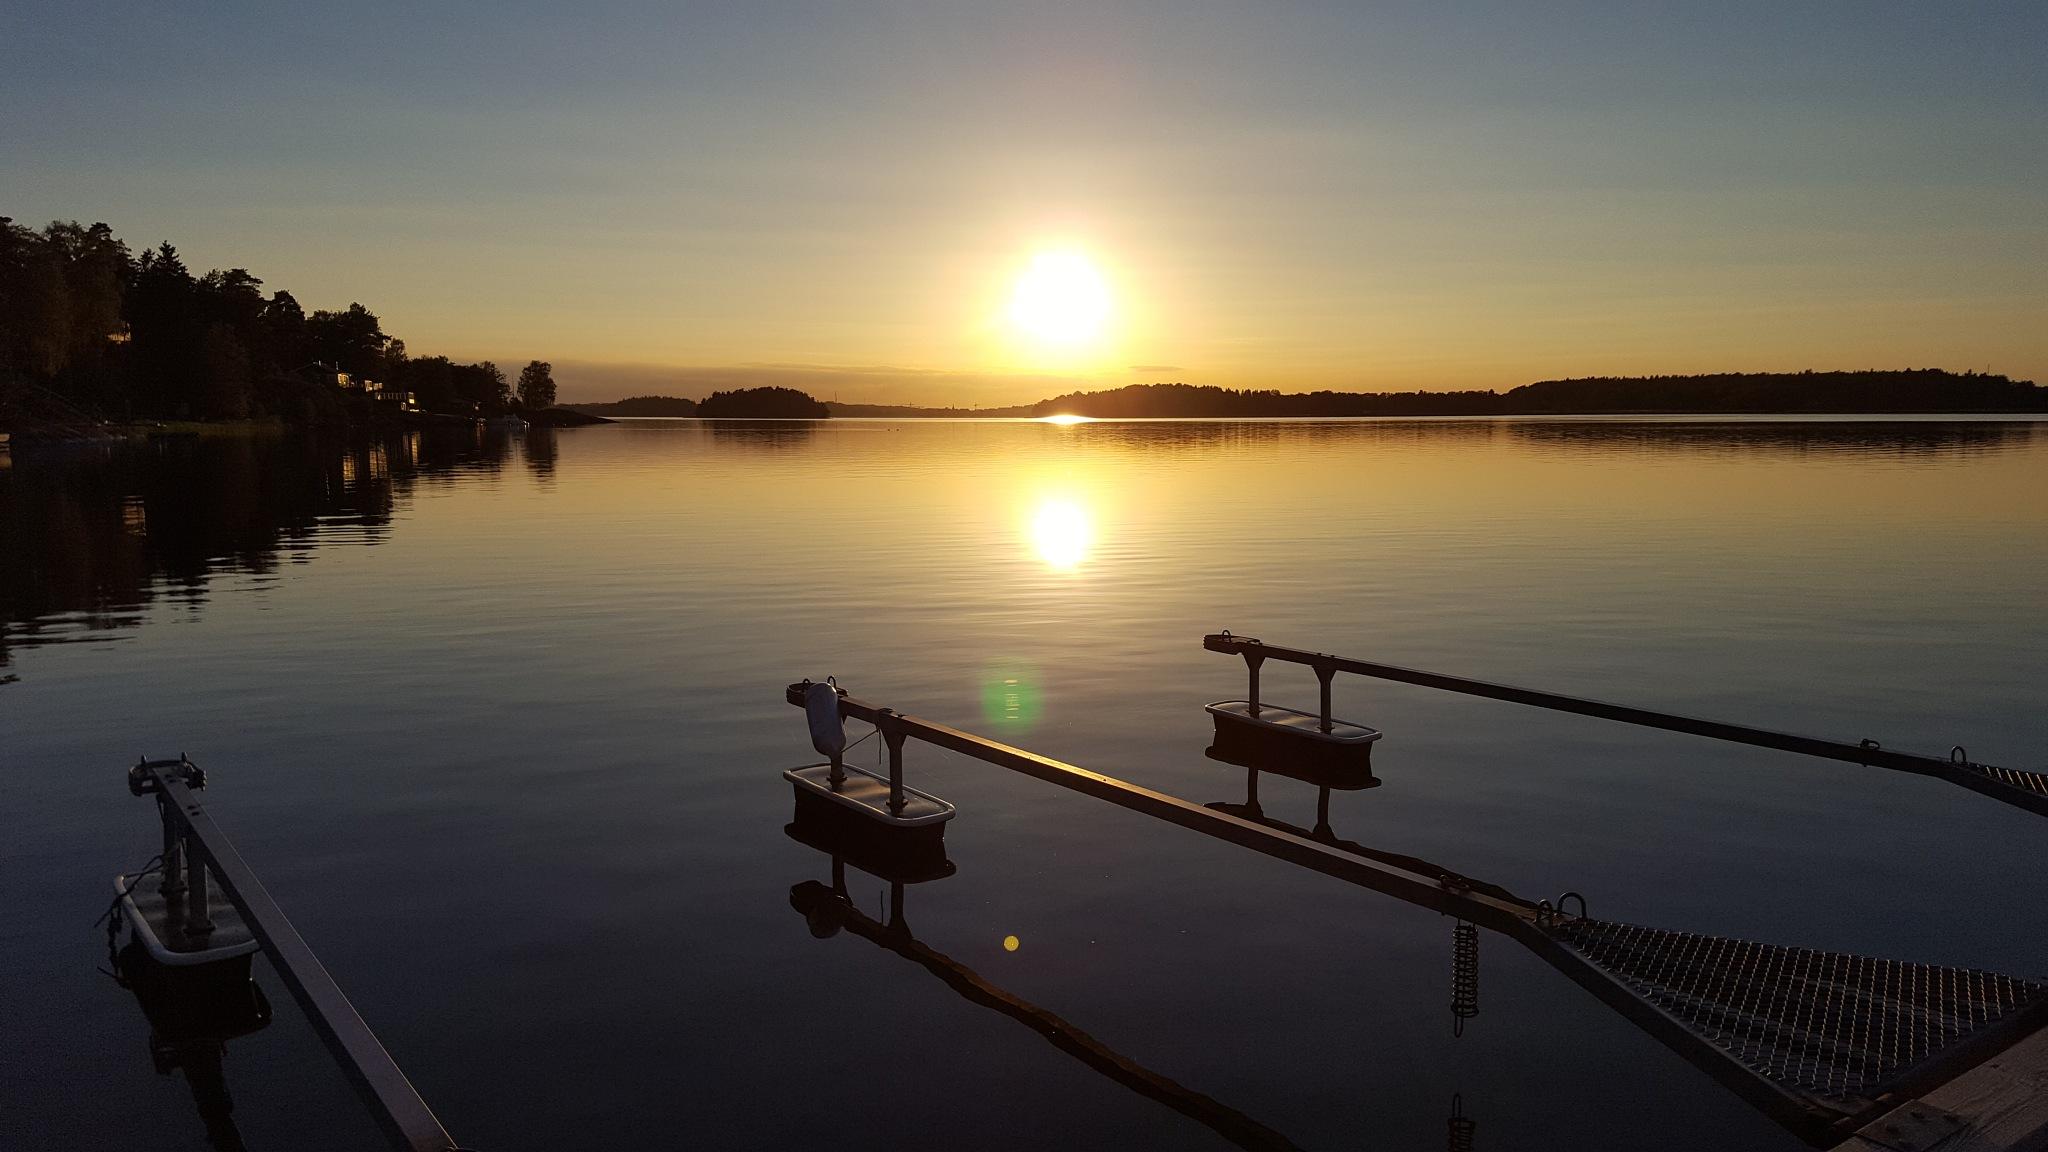 Sunset  by Susanne Brännström